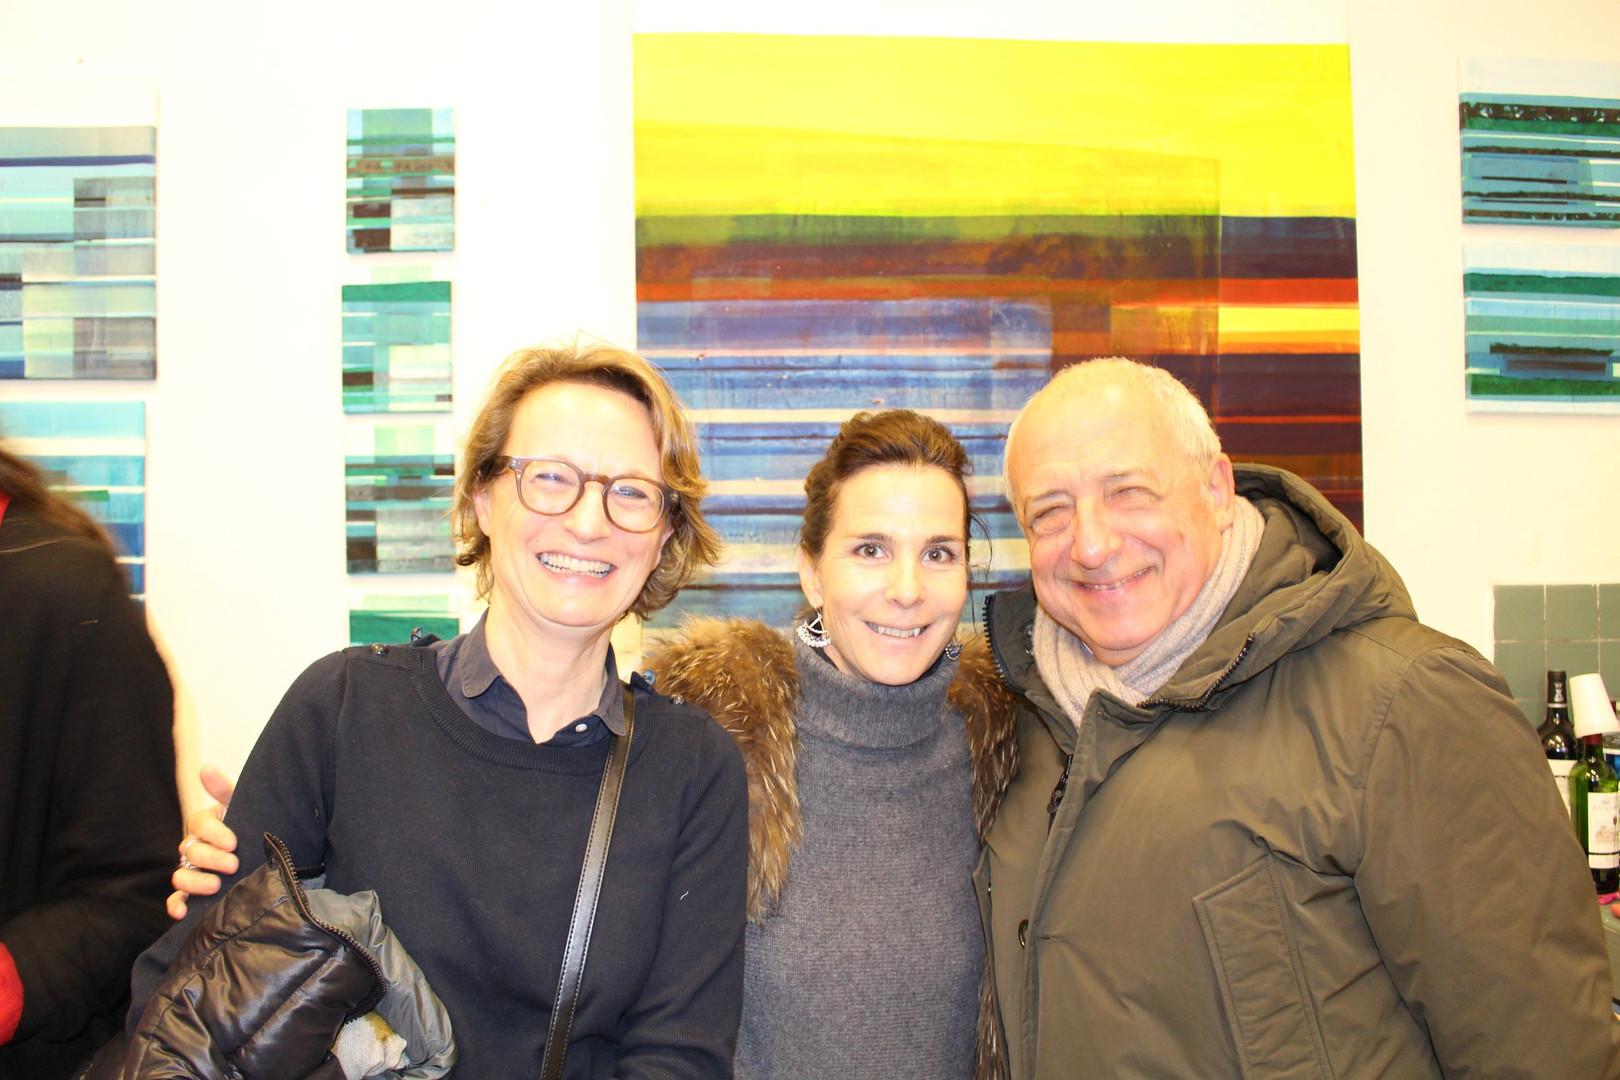 Paula Aisemberg, Véronique Pieyre de Mandiargues et un ami dans l'atelier d'Ola Abdallah  ©Randa Maddah